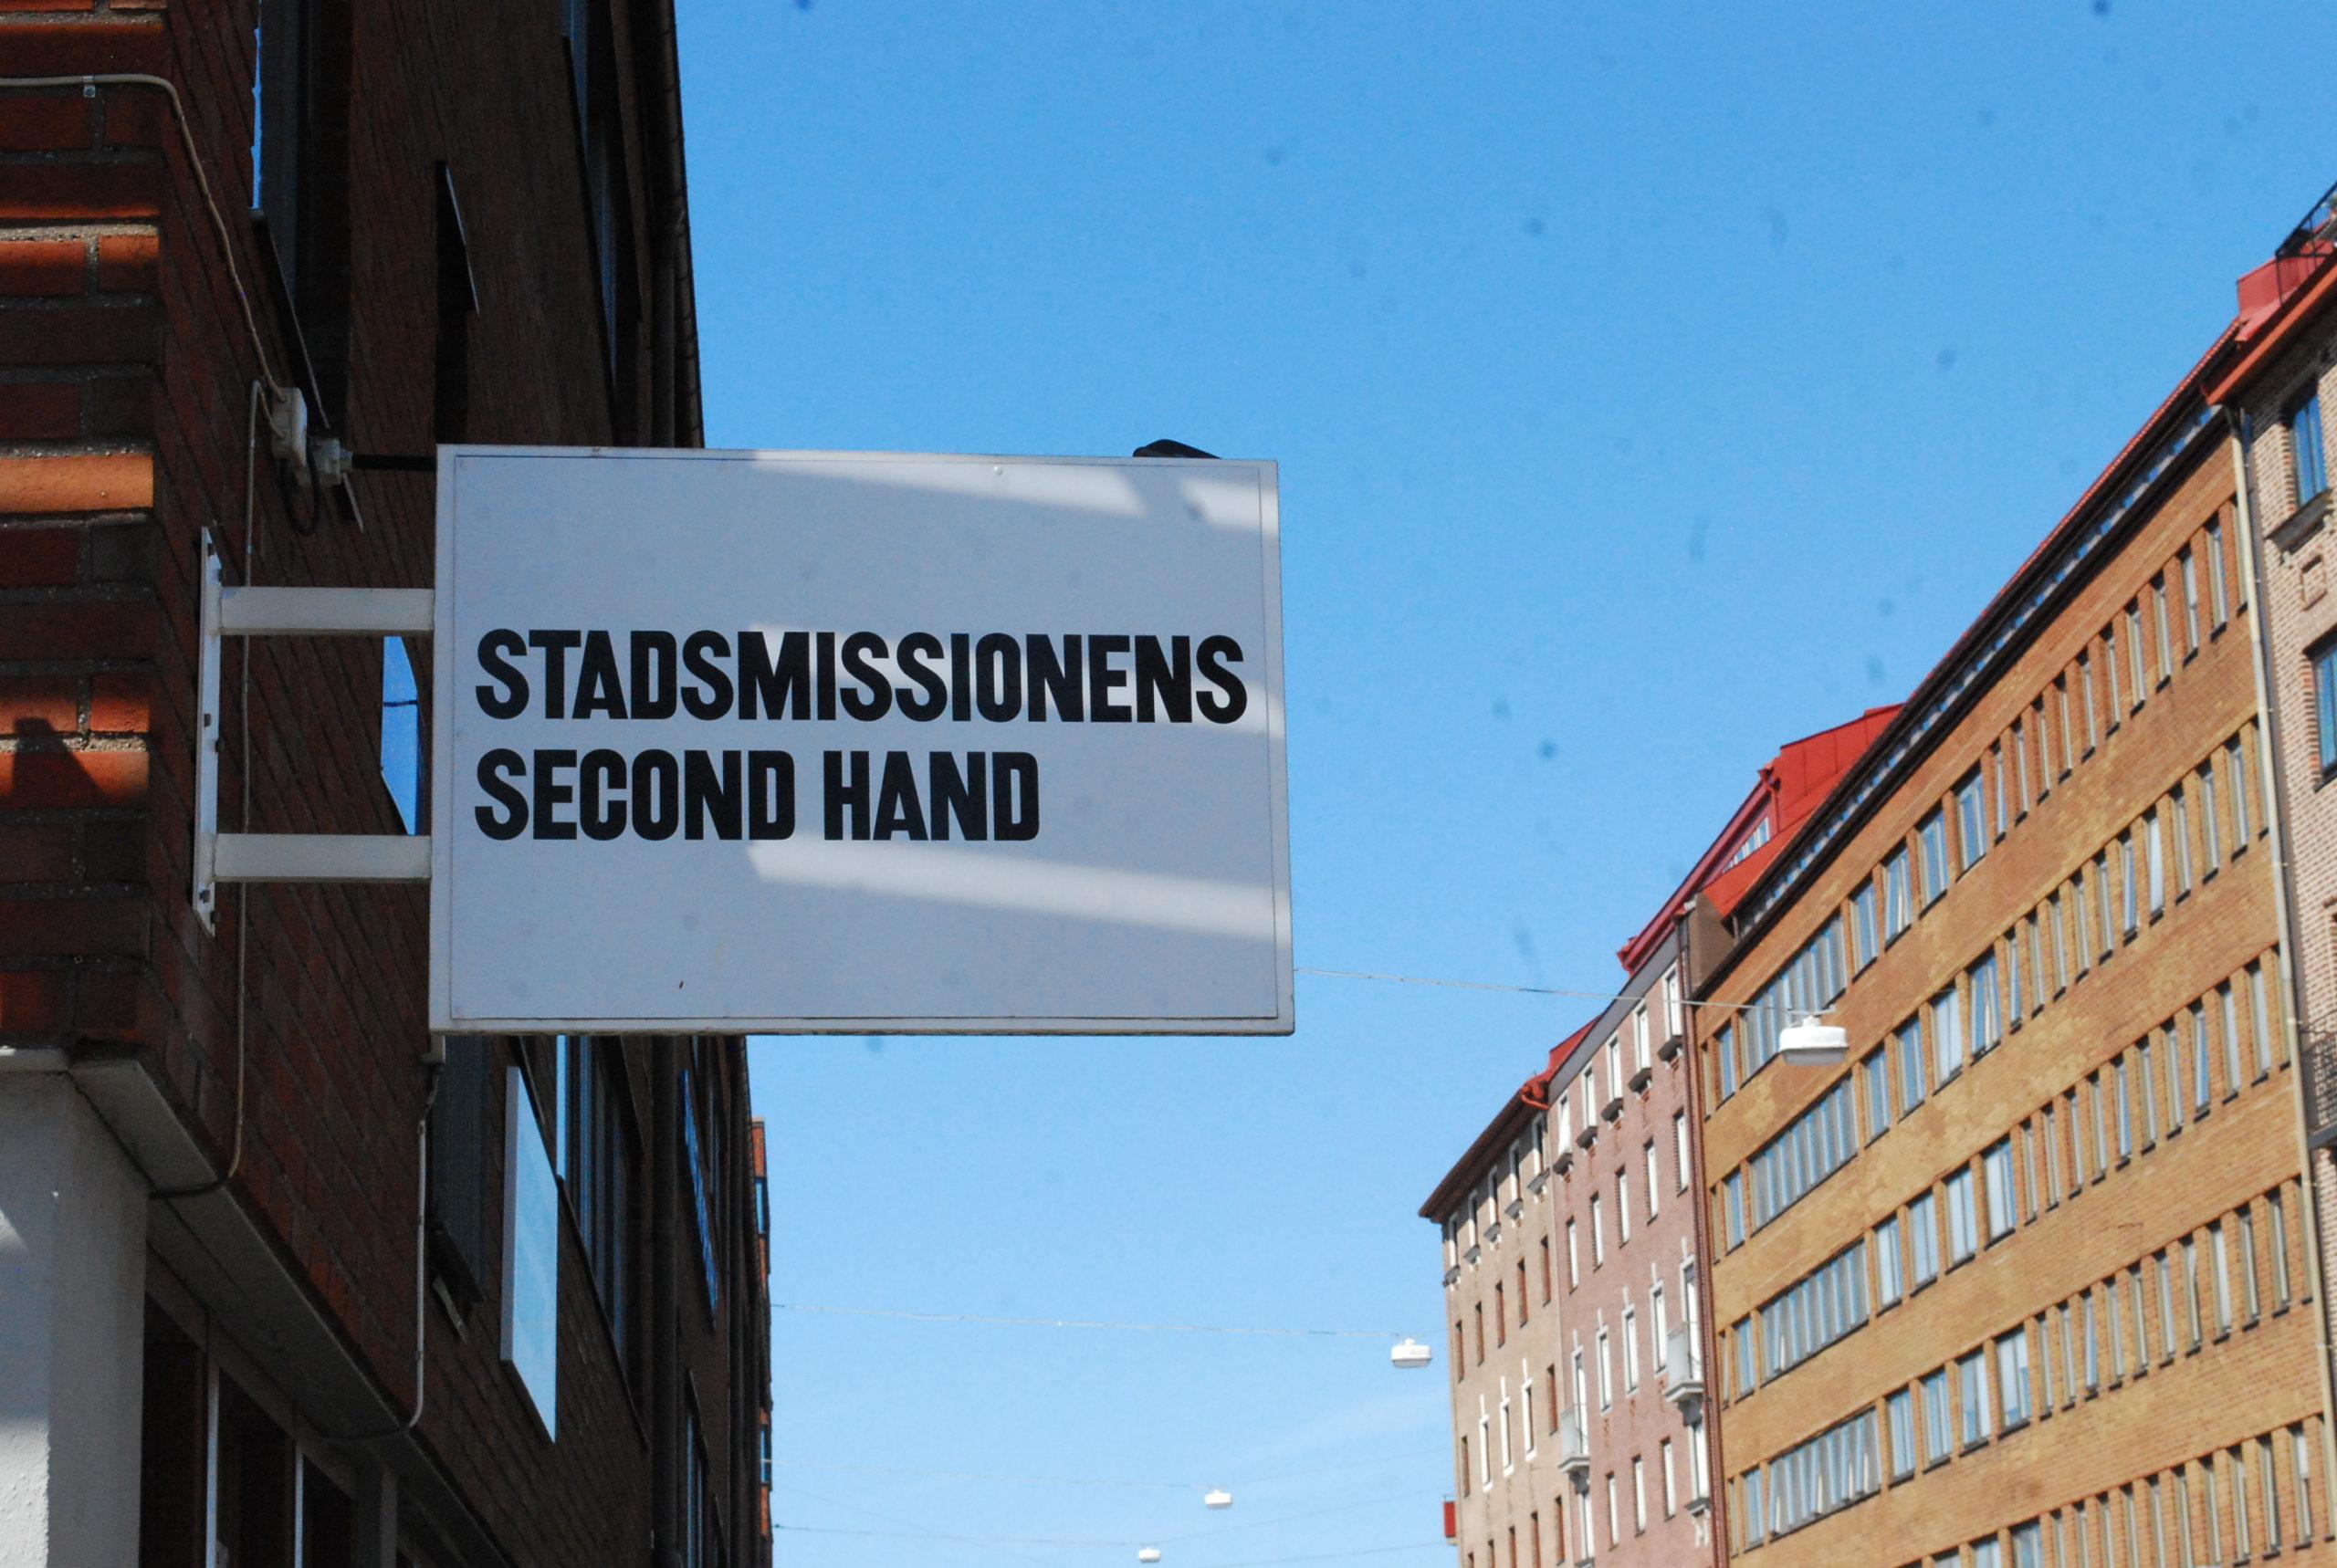 Stadsmissionens Second hand